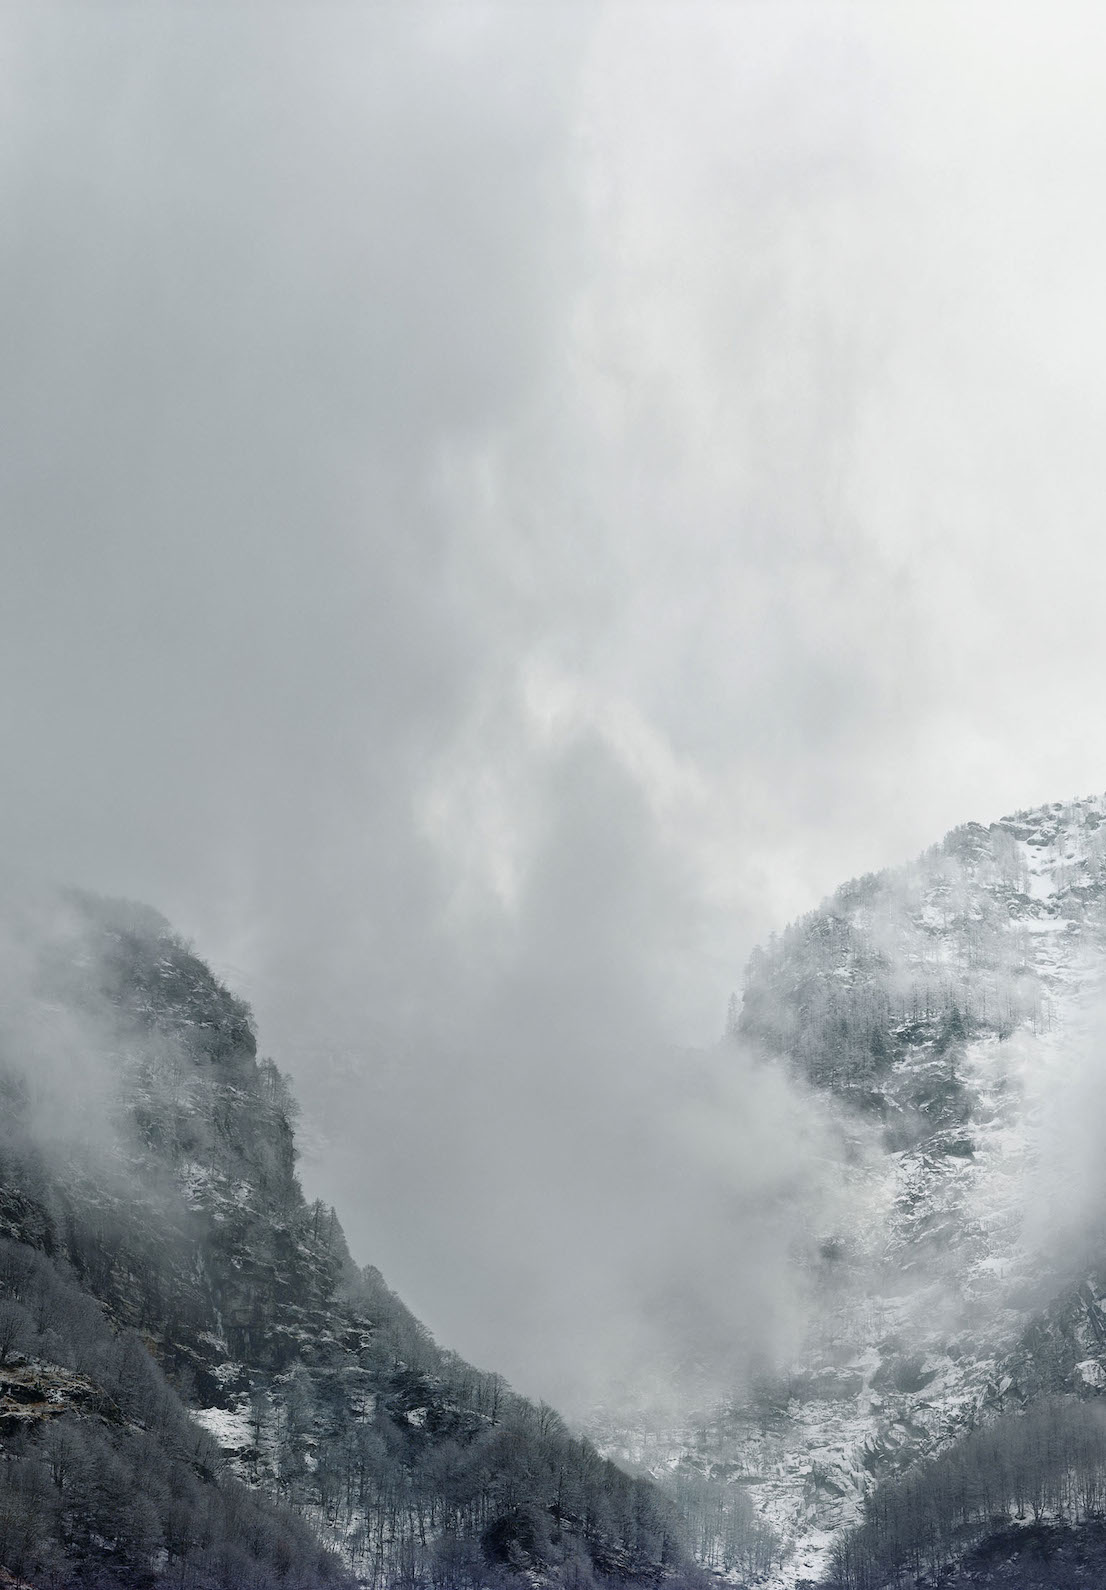 Axel Hütte Sonogno, Svizzera dalla serie New Mountains, 2013.